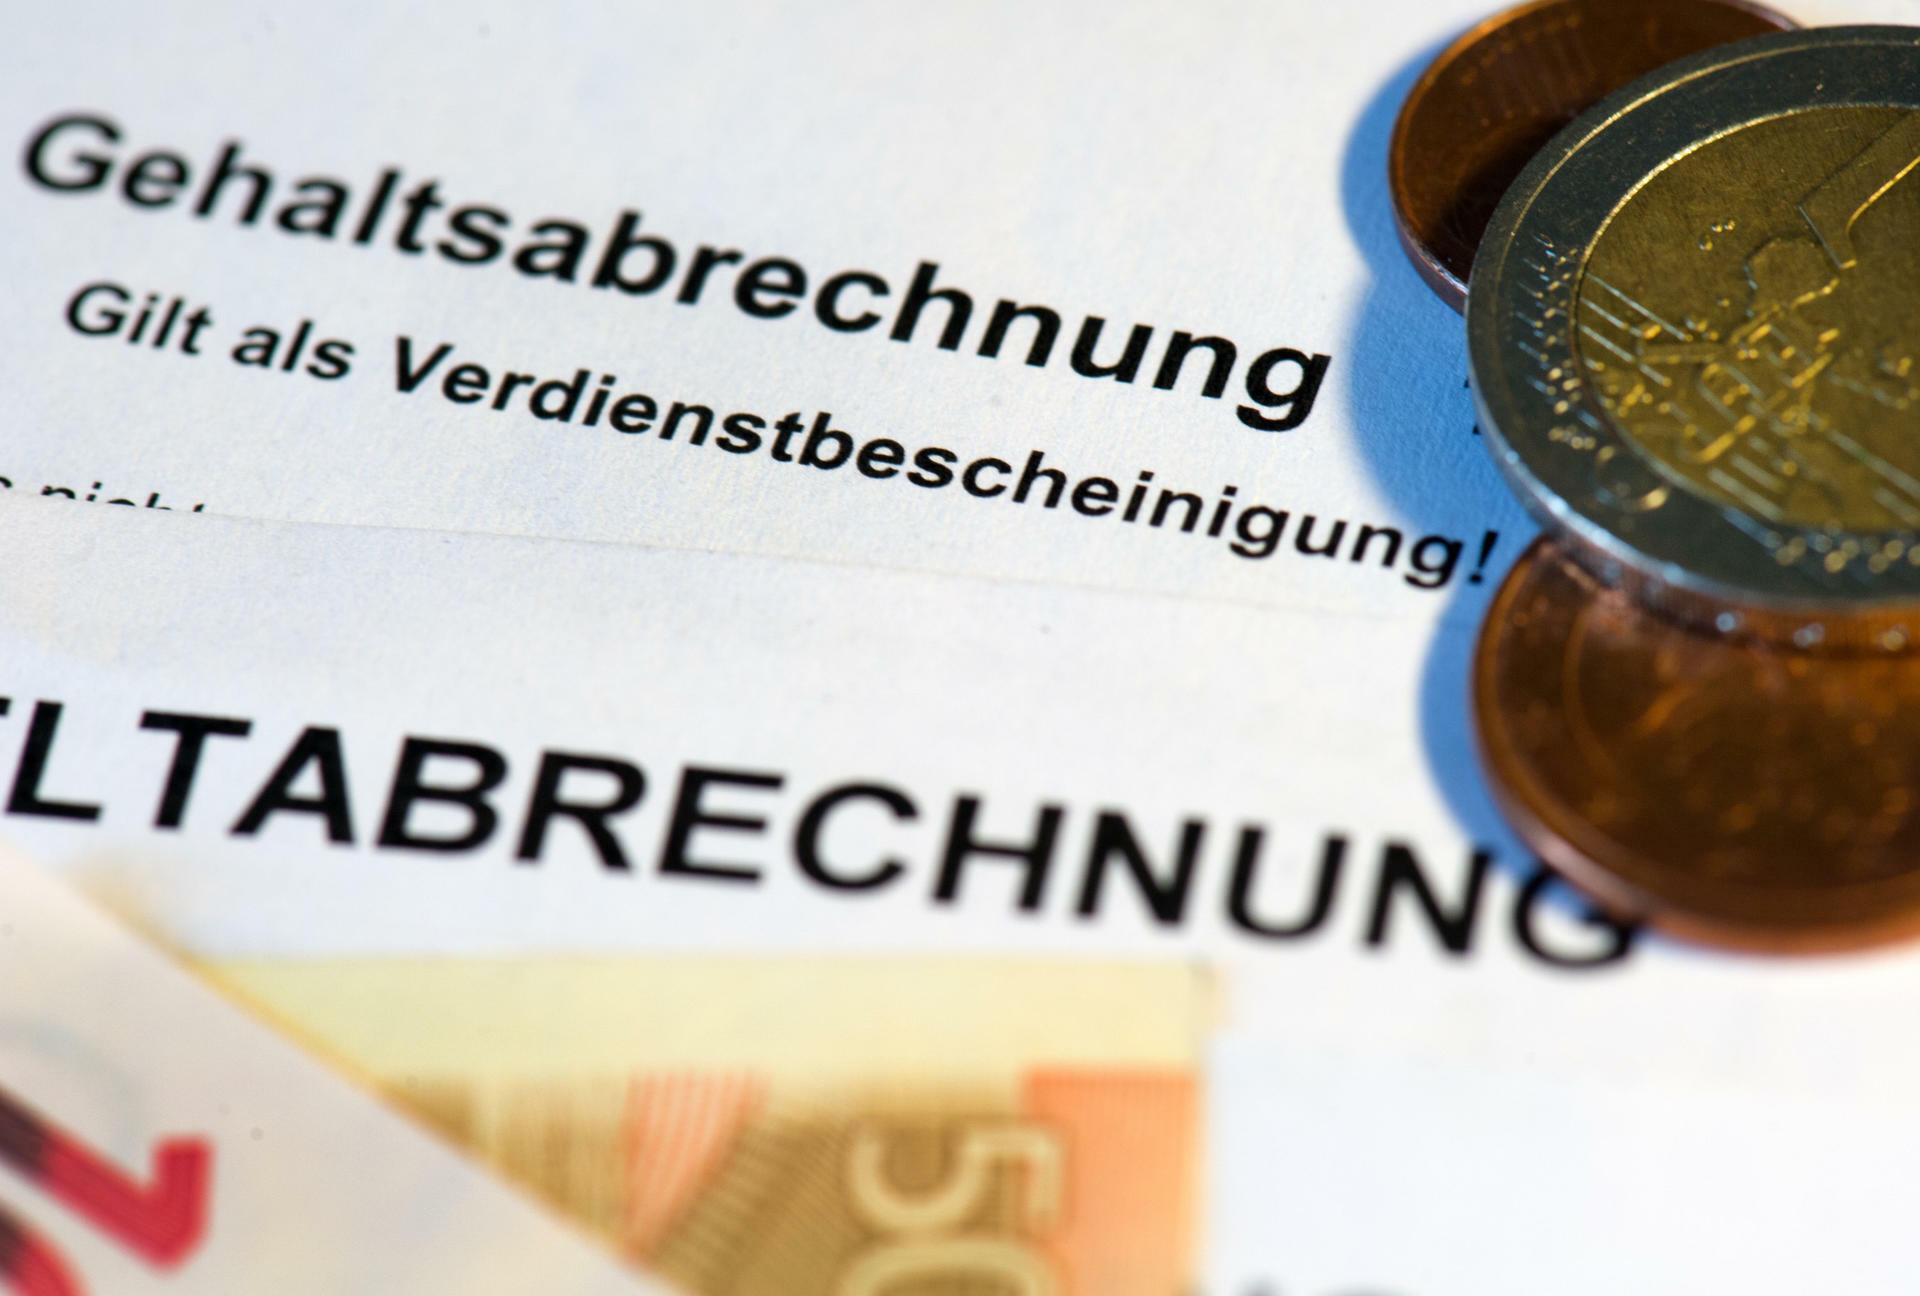 Gehälter: Große Lohnunterschiede in Deutschland